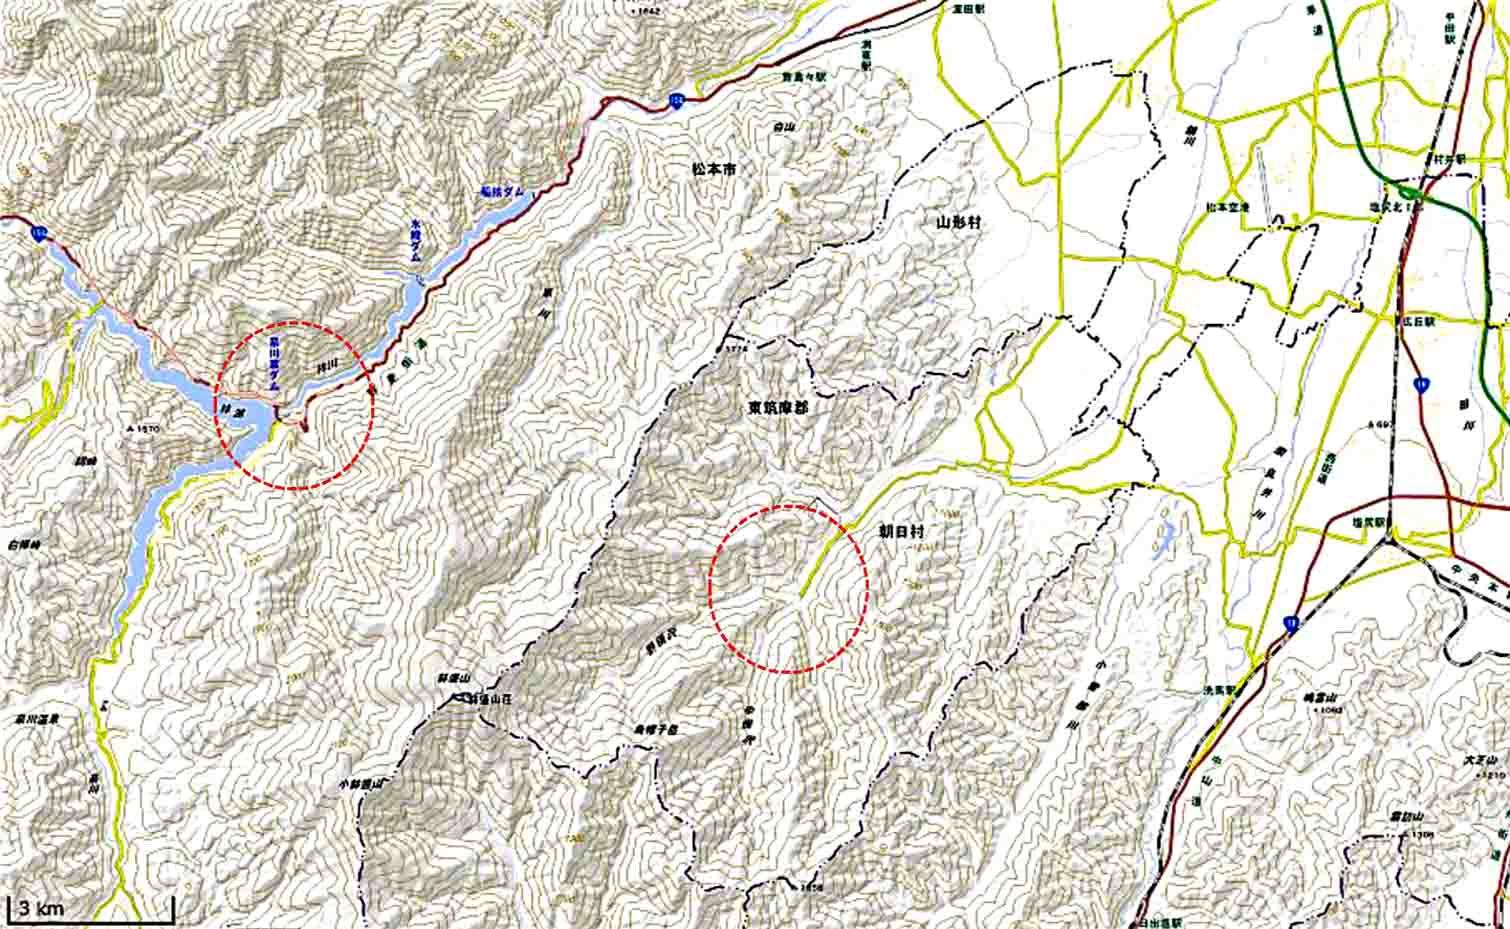 奈川と朝日村の位置